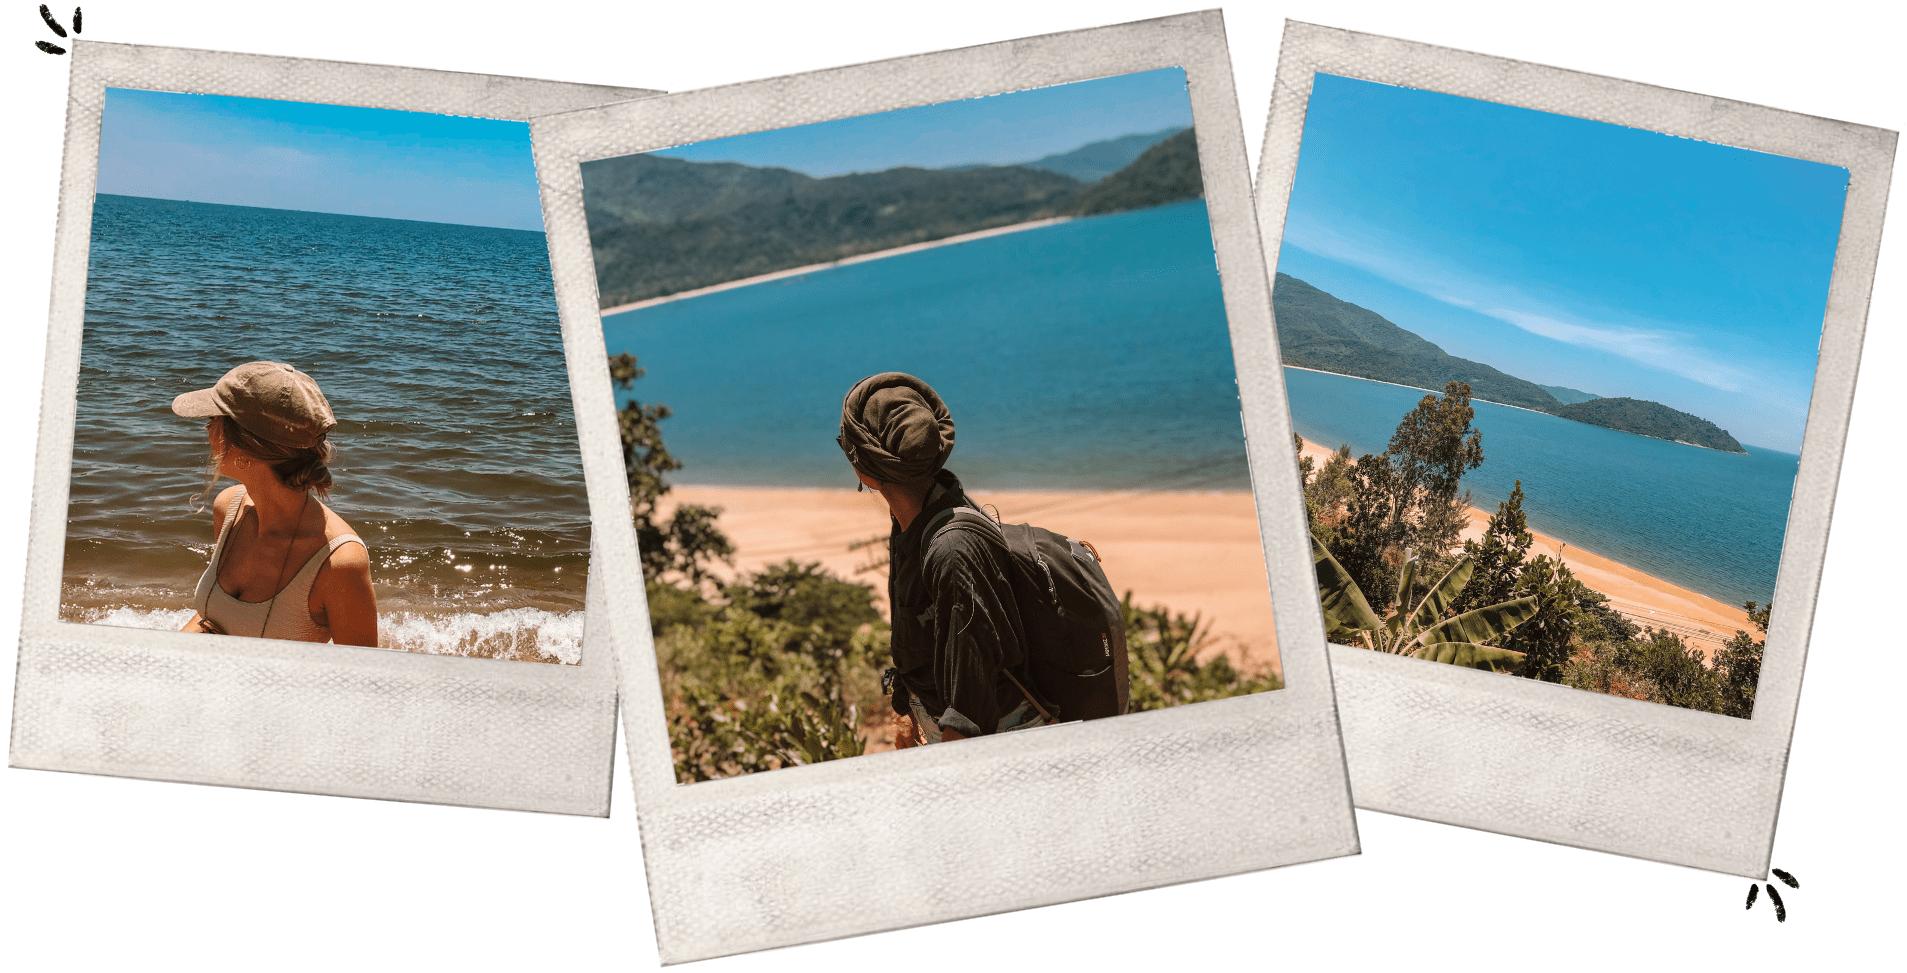 Hiking to a Secret Beach in Da Nang